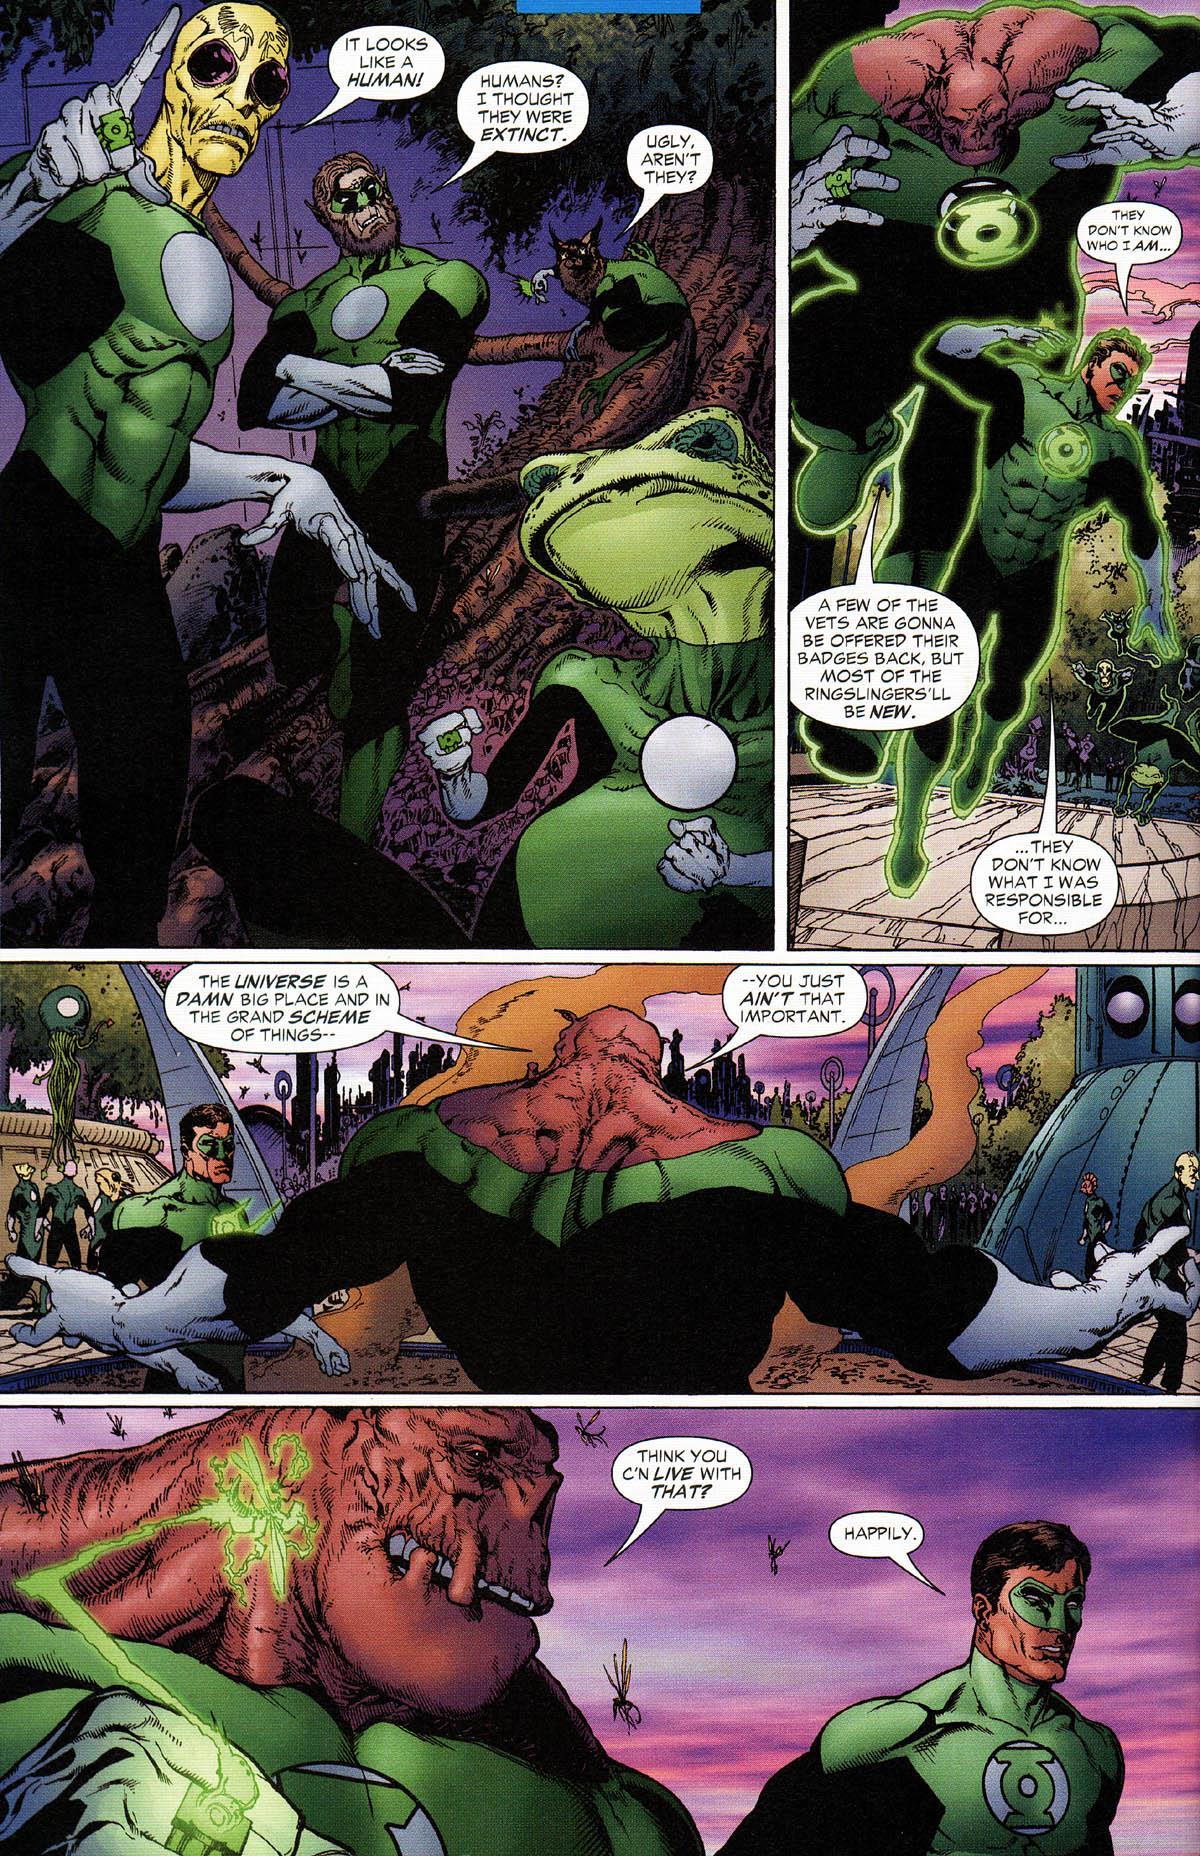 Green Lantern No Fear review